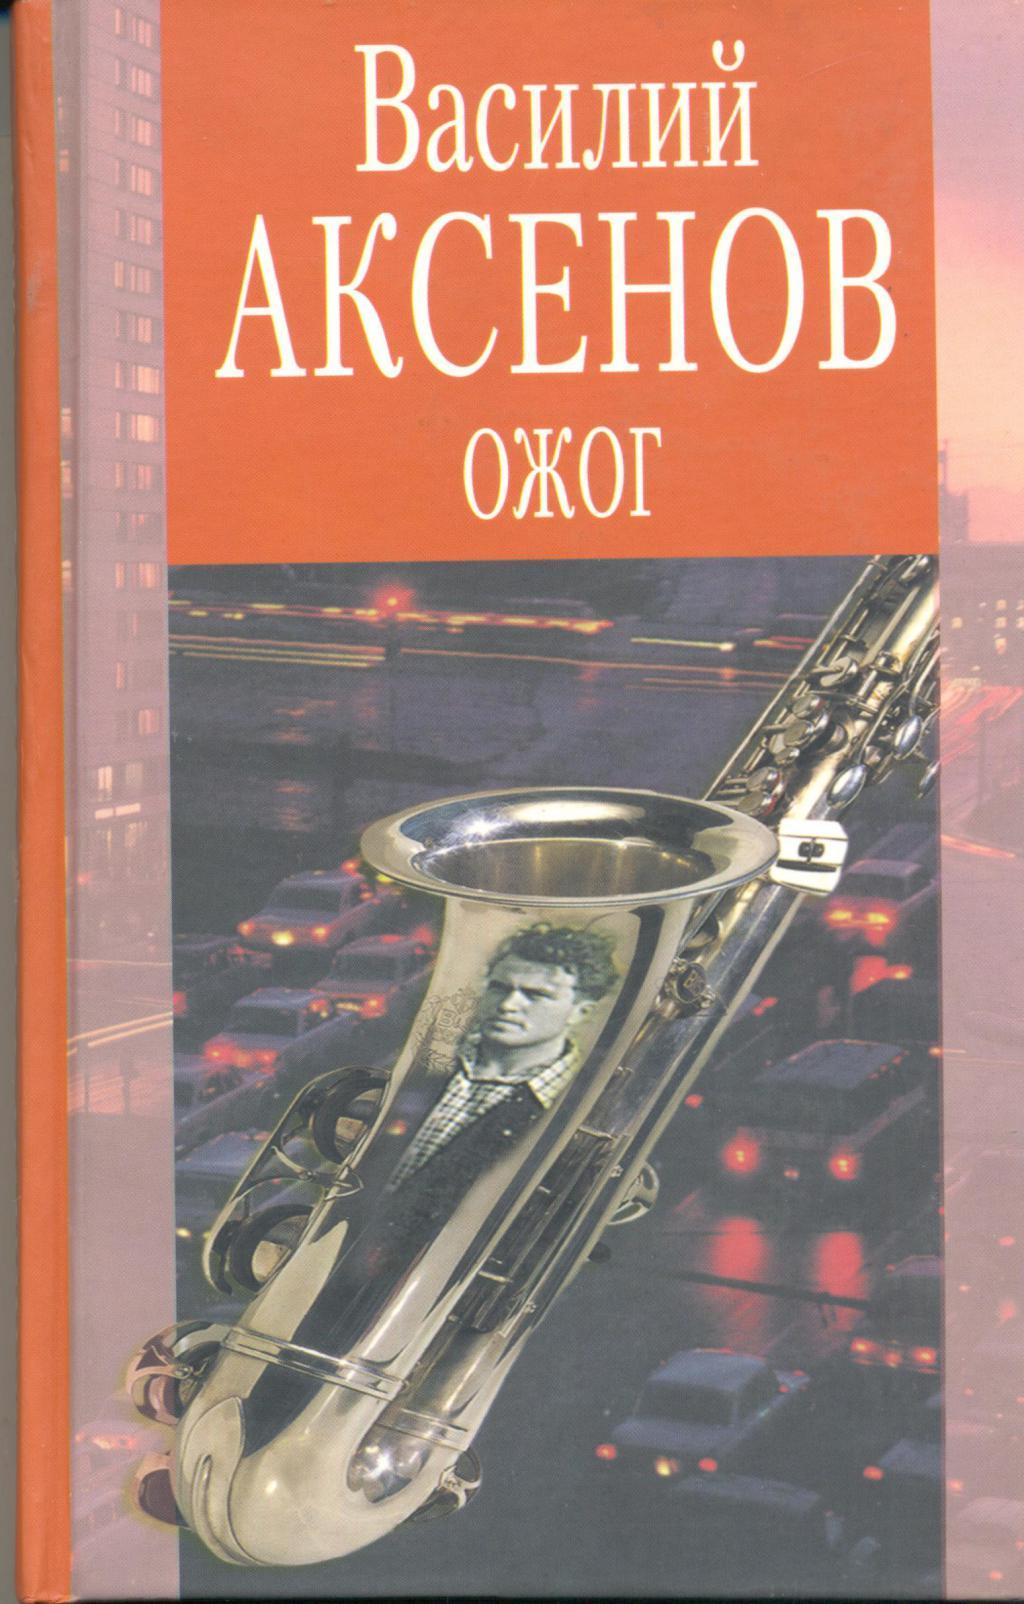 Книги Василий Аксенов читать онлайн бесплатно